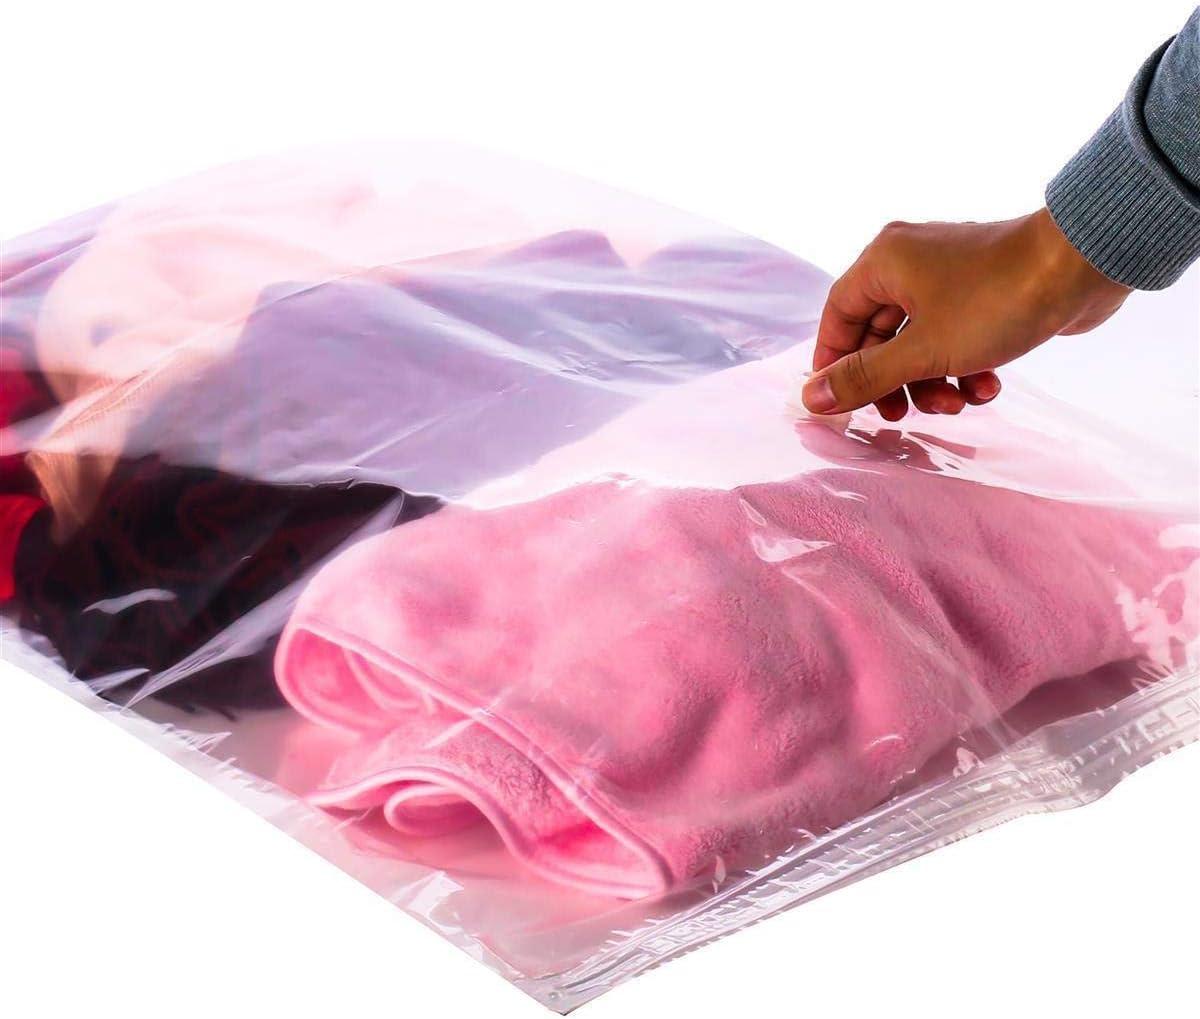 Alaskaprint 12x Vakuumbeutel Kleidung XXL f/ür Bettdecken Bettw/äsche Gro/ß Aufbewahrungsbeutel Staubsauger Vacuum Vakuum Reise Kleiderbeutel Vakuumierbeutel 60 x 80CM